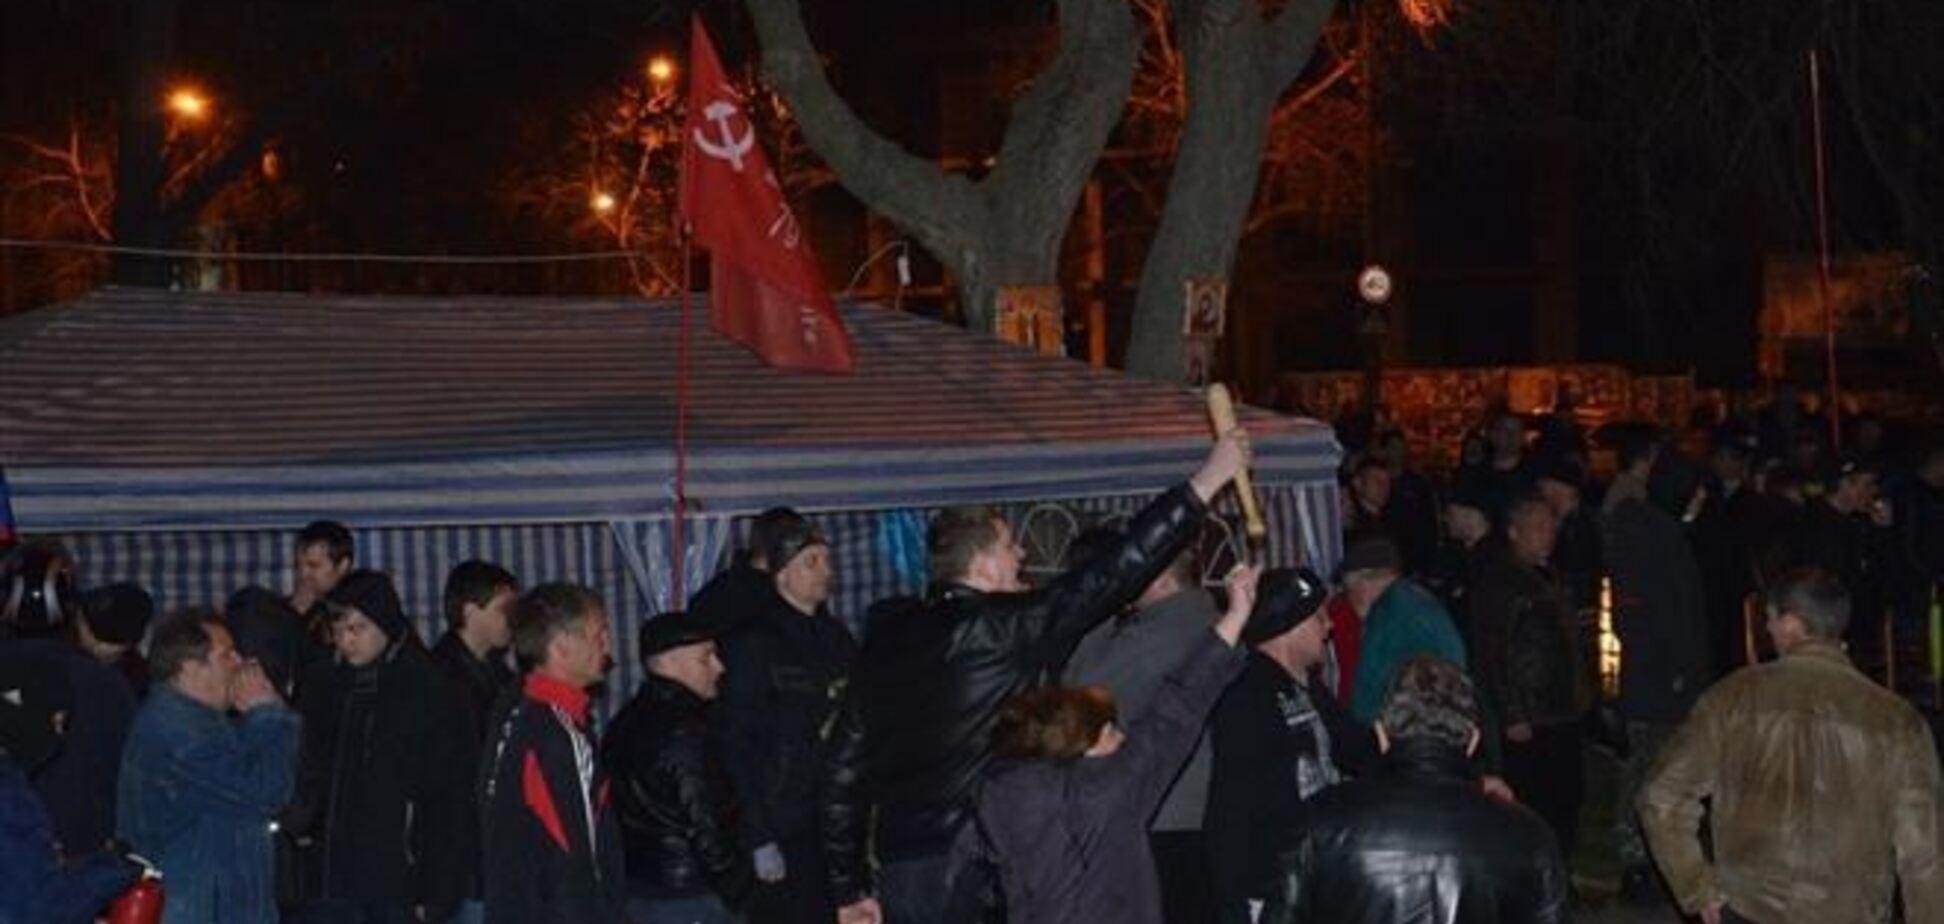 Сепаратистів в Миколаєві майданівці розганяли під 'Слава Україні!'